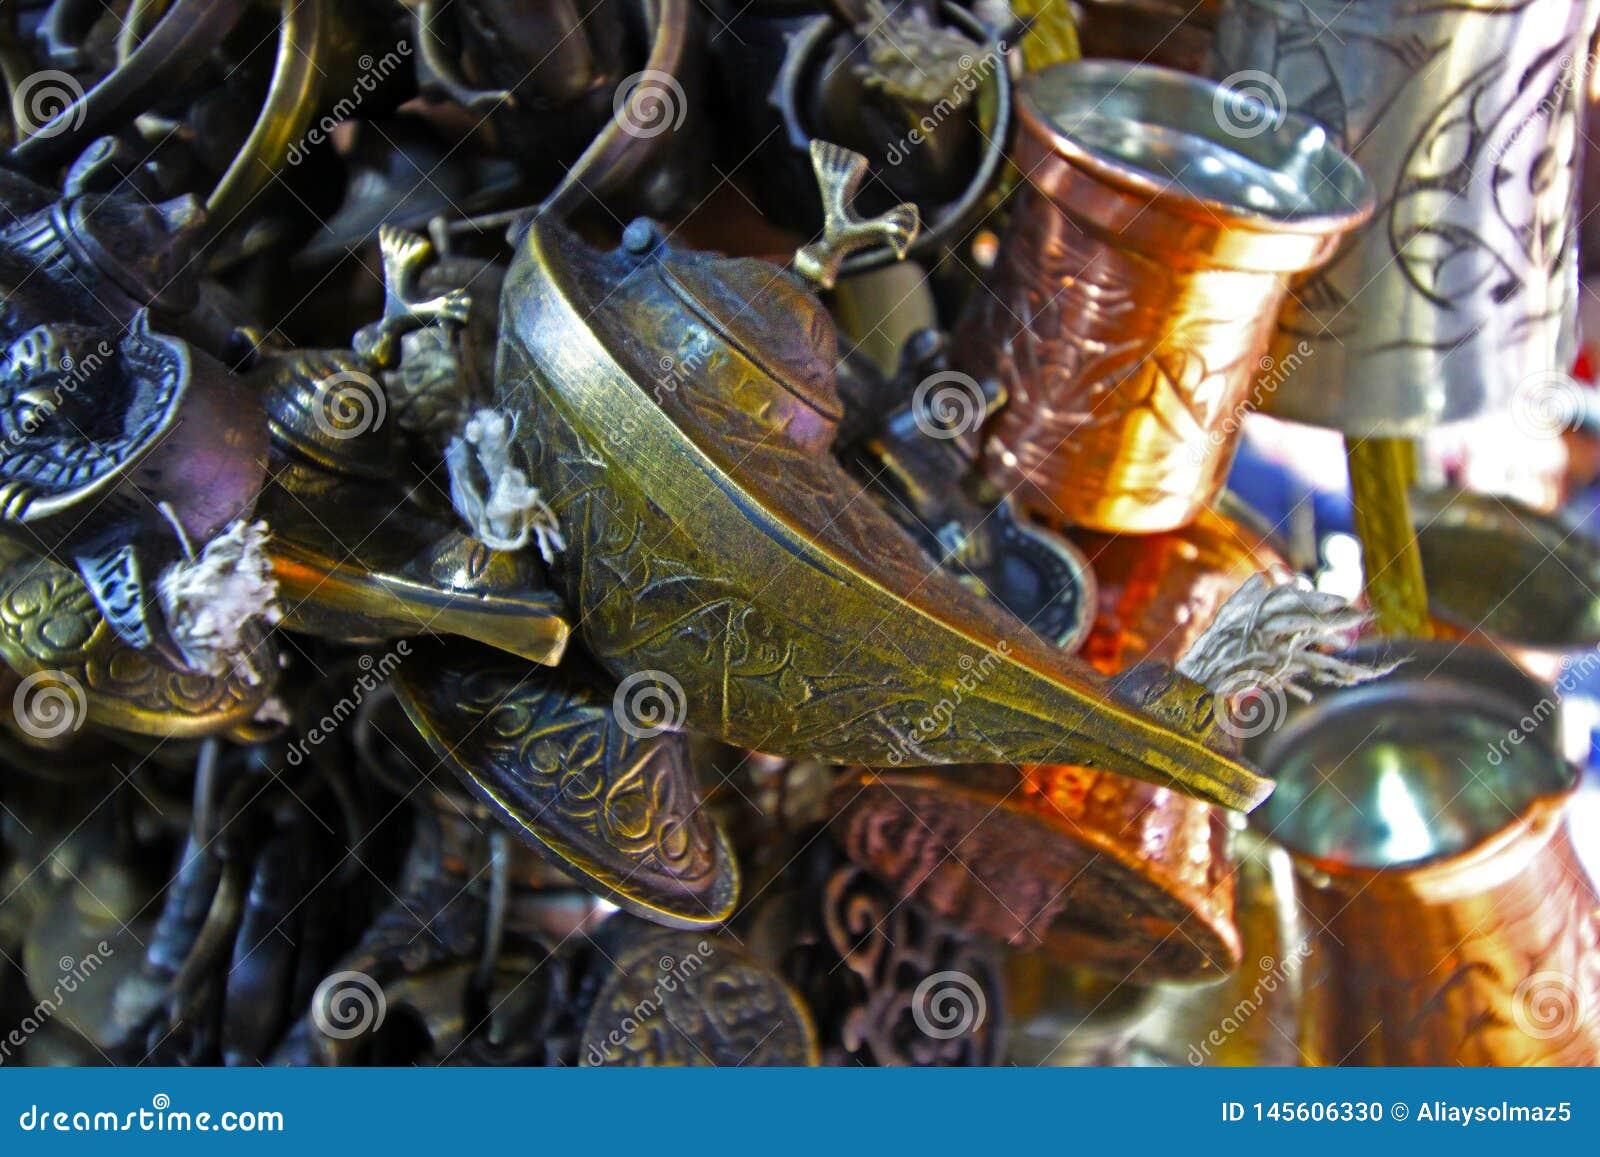 Lámpara antigua, lámpara de Aladín, linterna